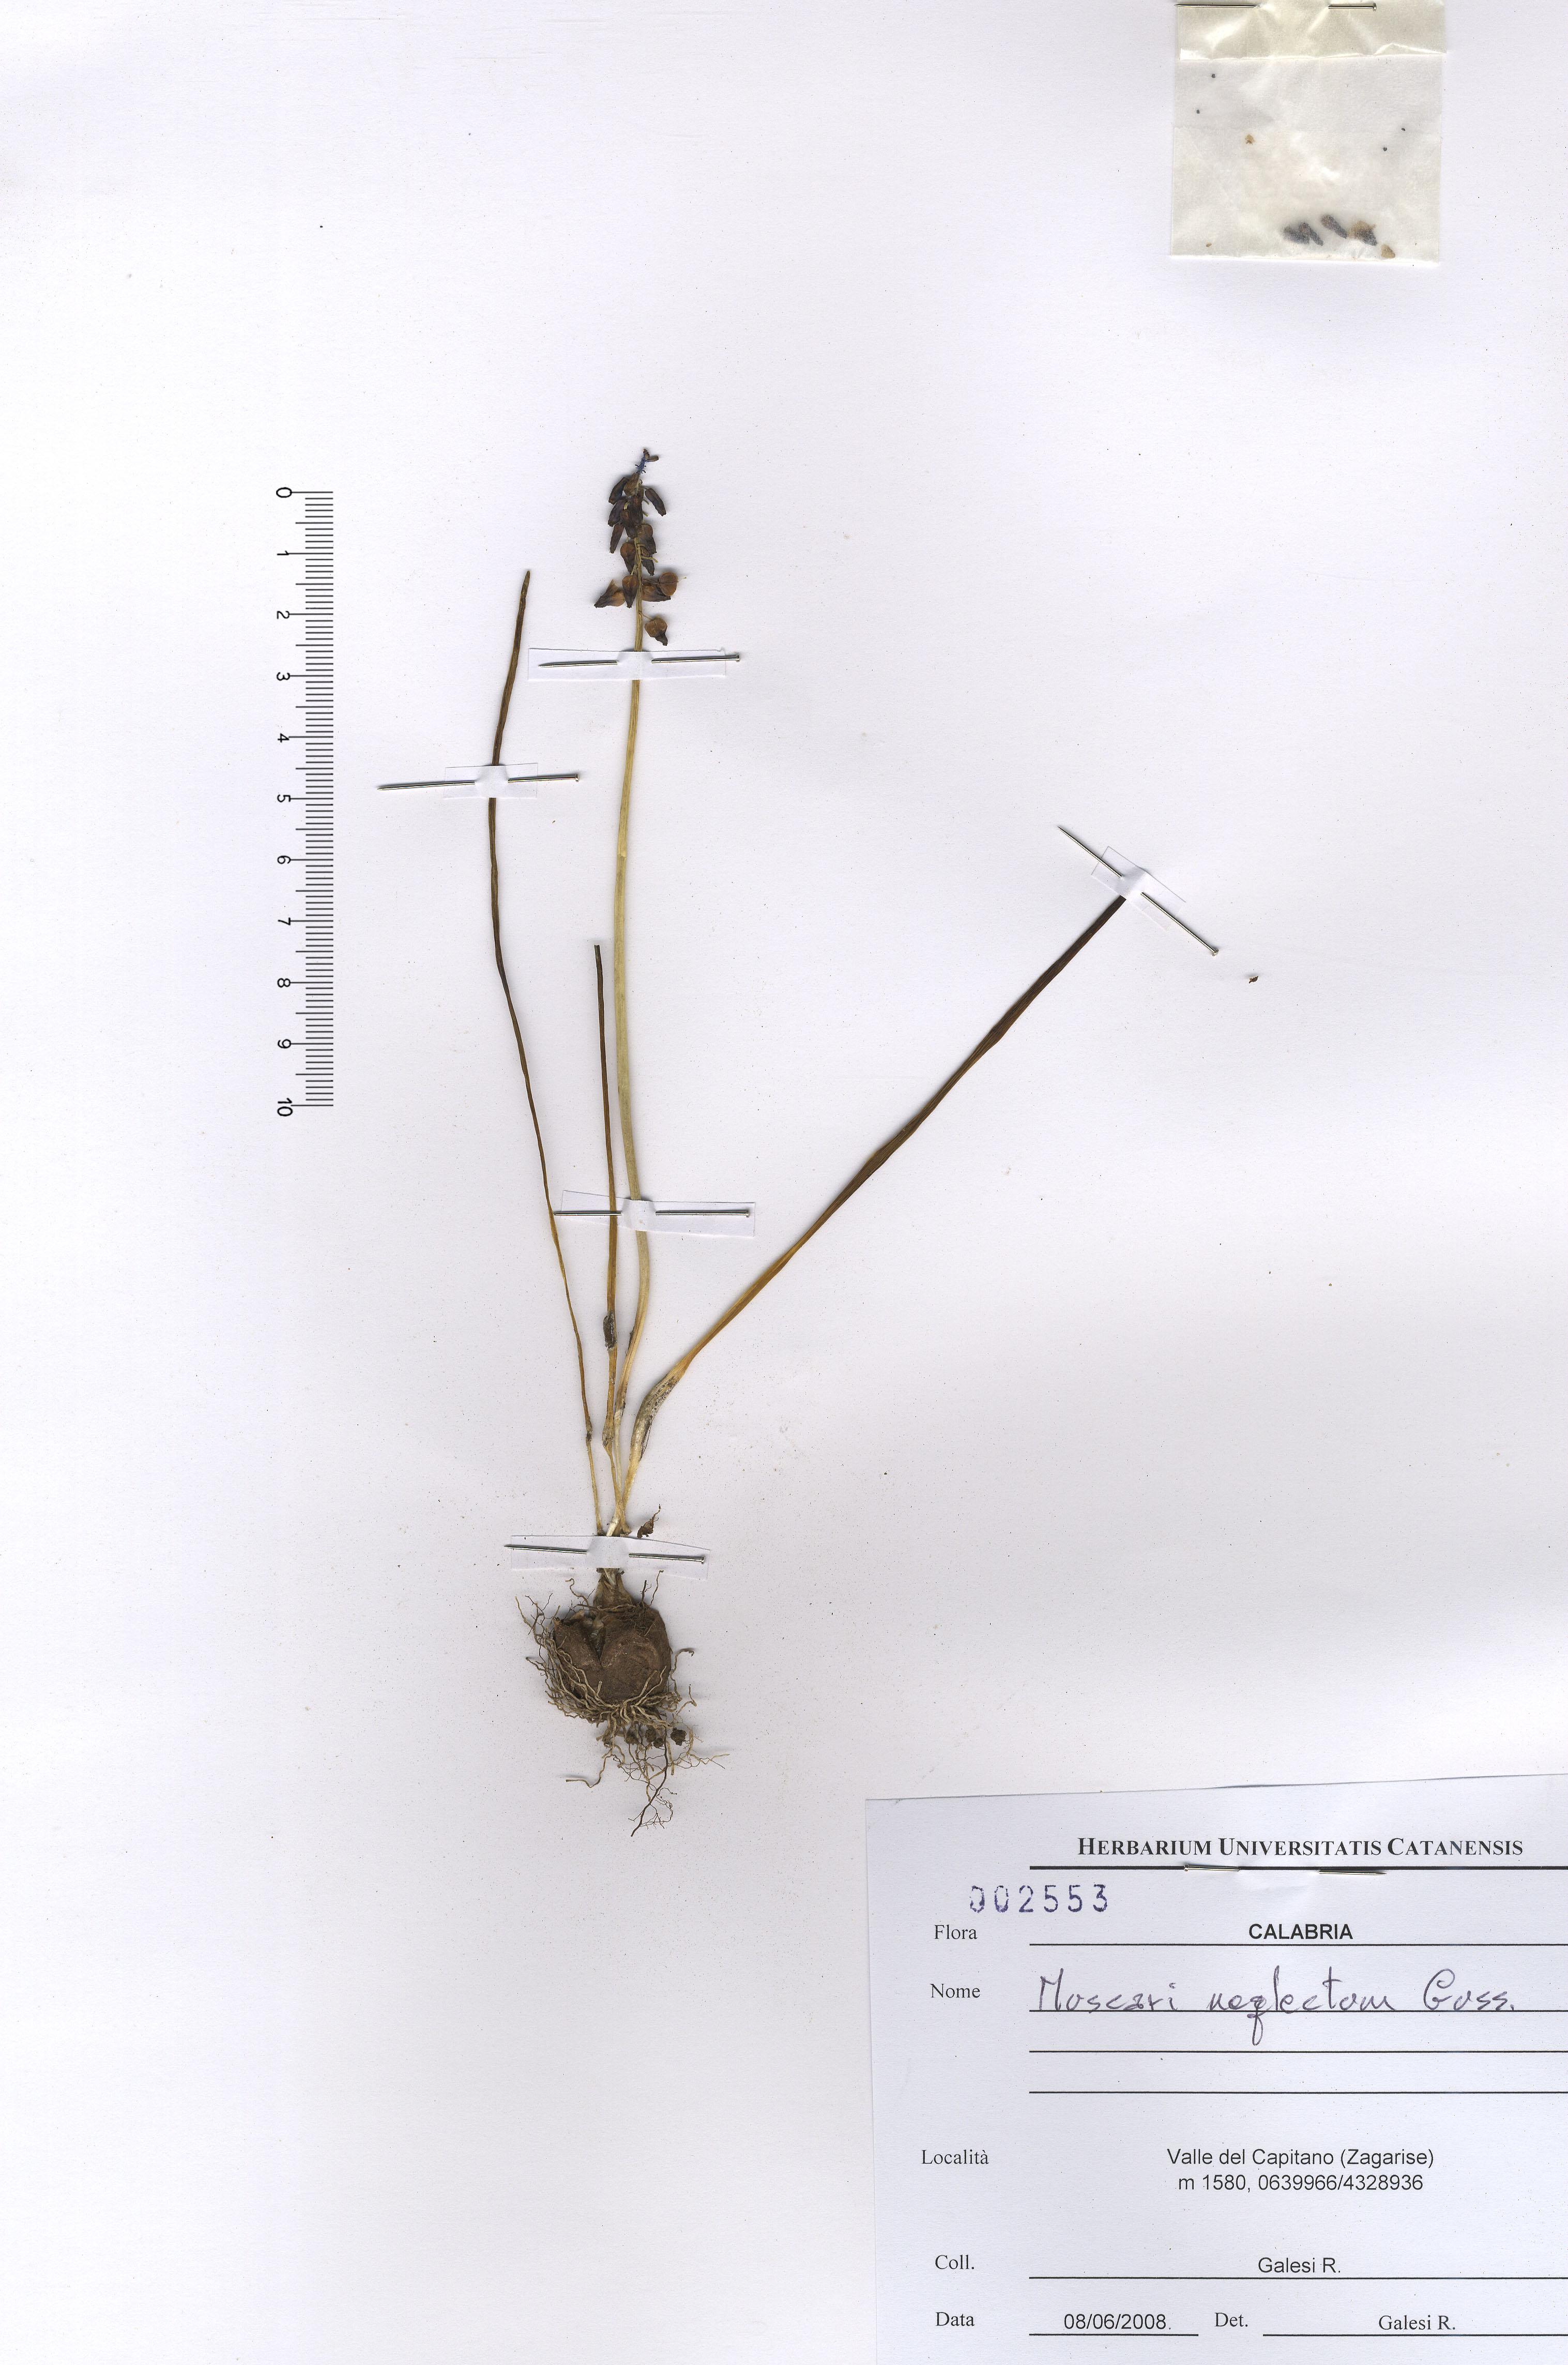 © Hortus Botanicus Catinensis - Herb. sheet 002553<br>